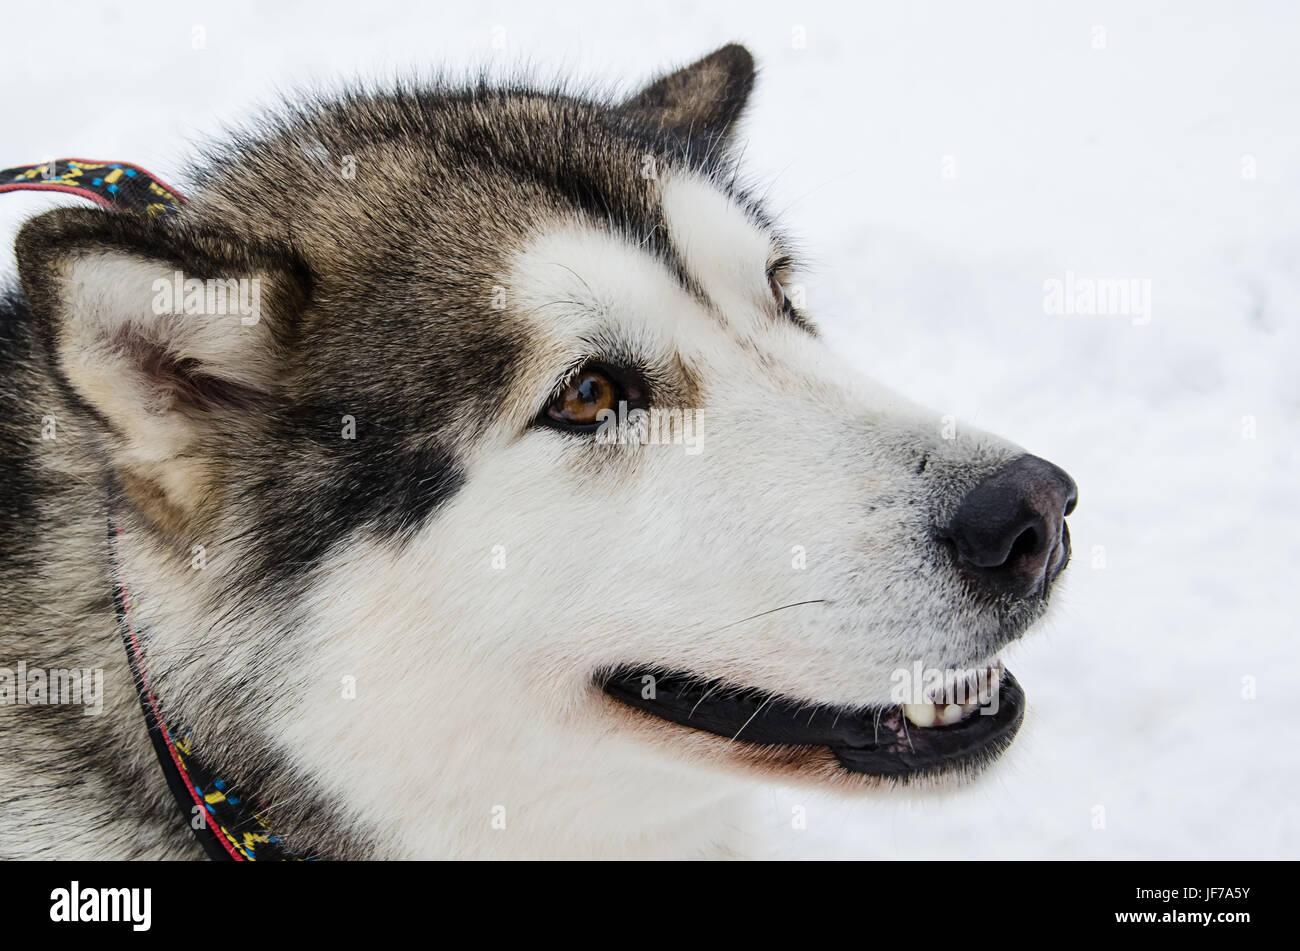 Hund Sideview Closeup Portrait. Alaskan Malamute Zucht. Unkonzentriert Schnee Hintergrund. Stockbild